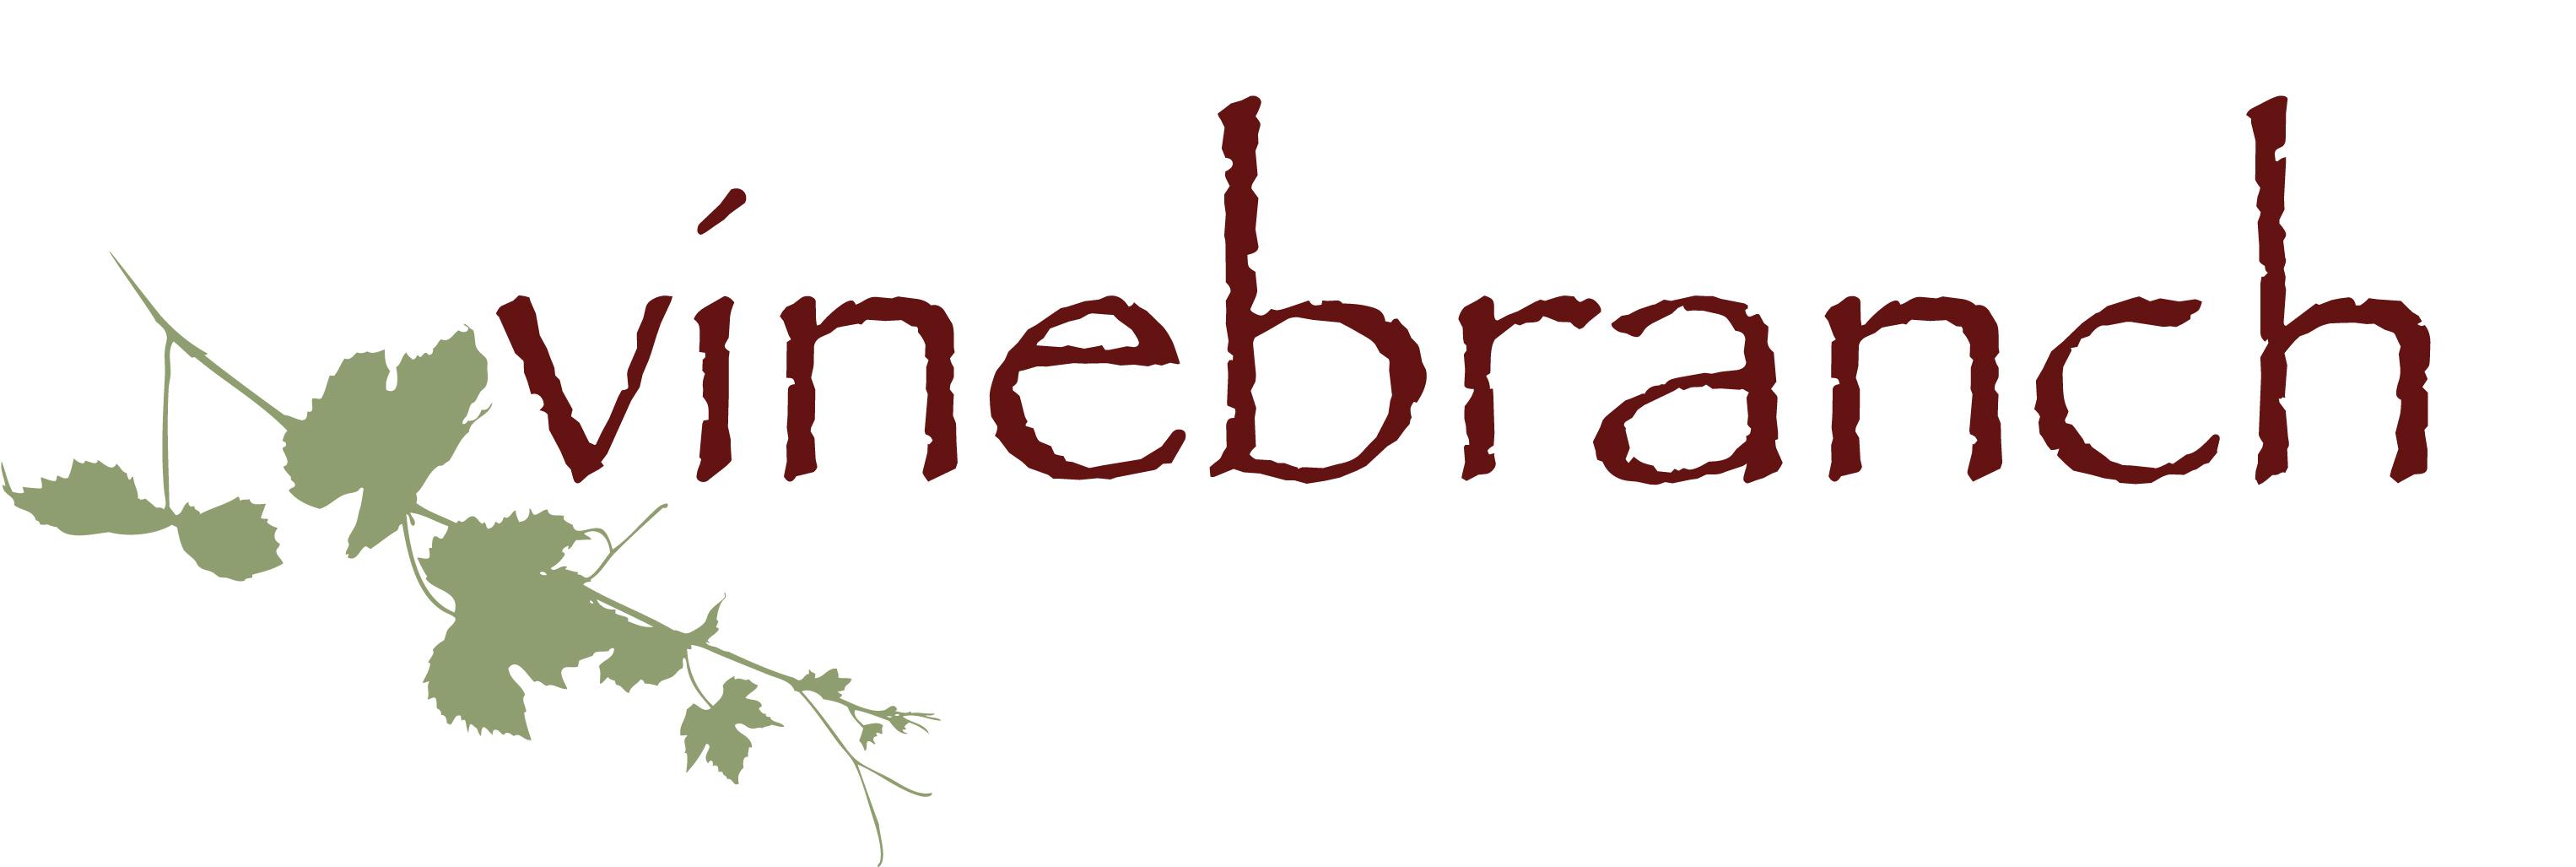 vinebranchlogo